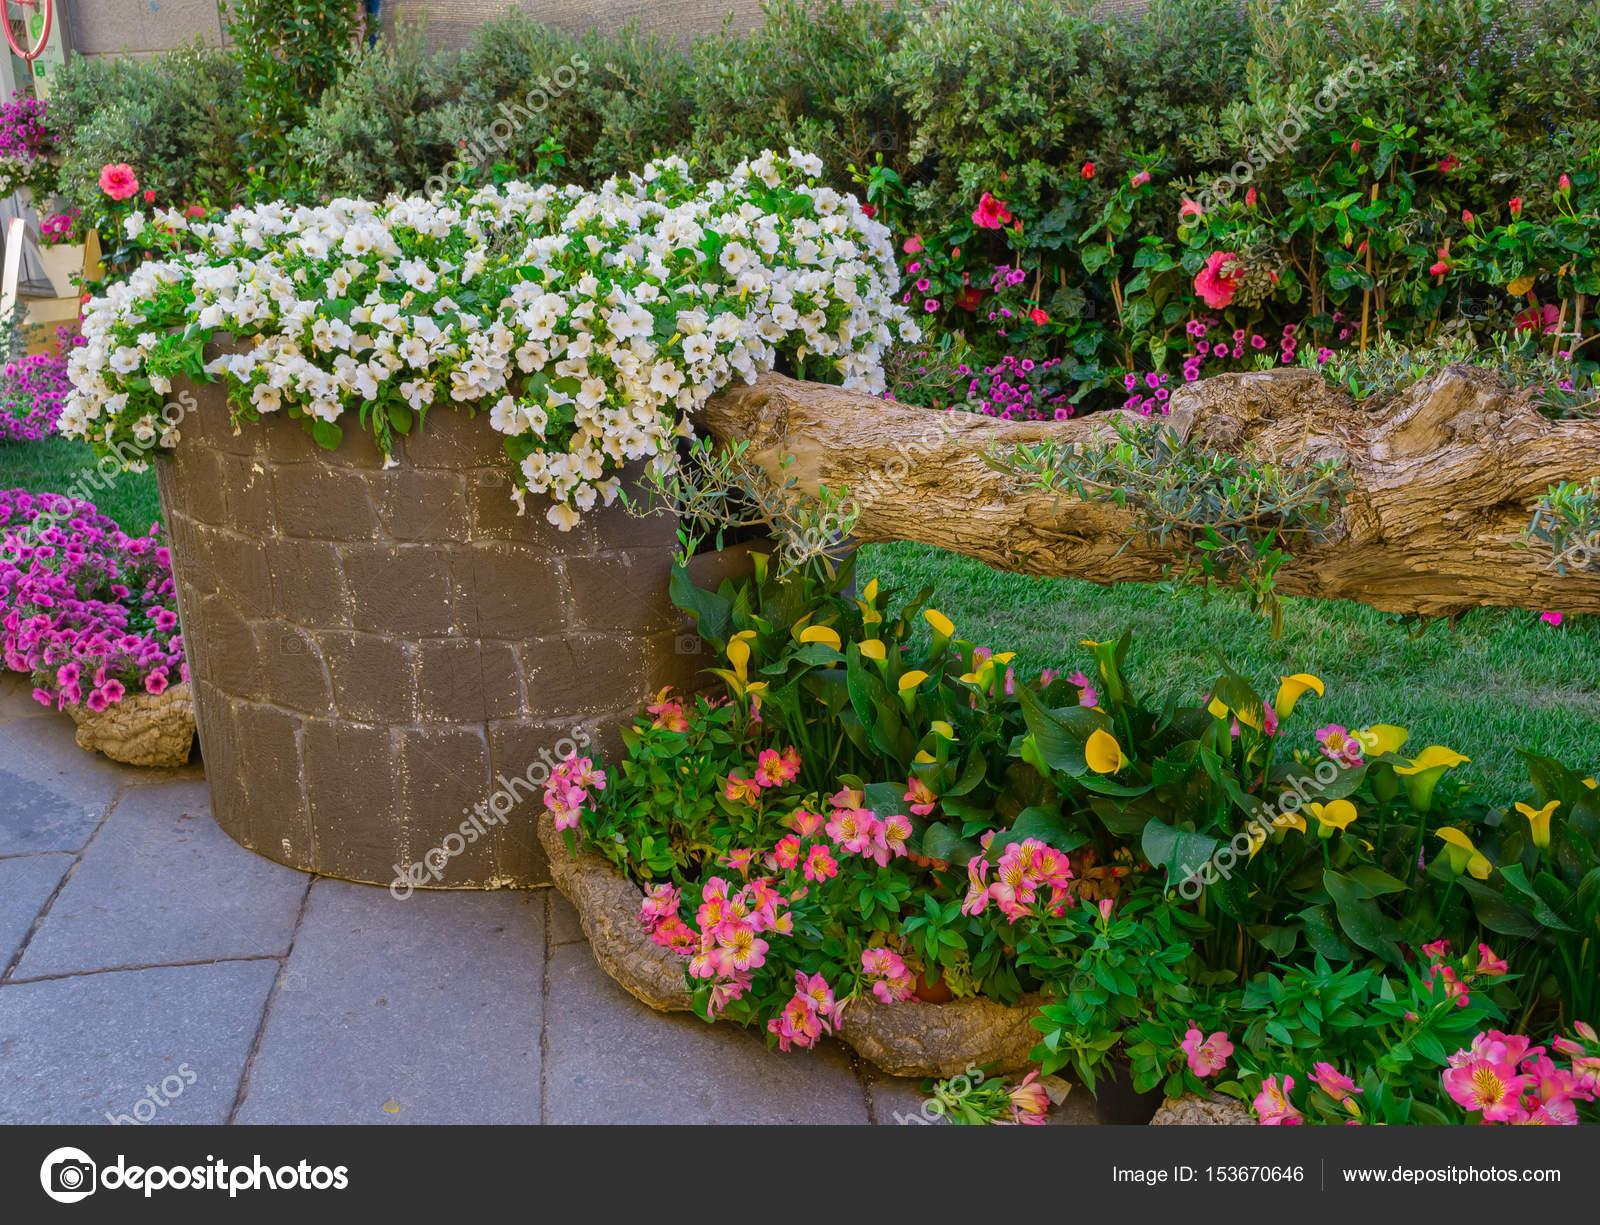 Gärten In Der Stadt Stockfoto Fenomeno79 153670646